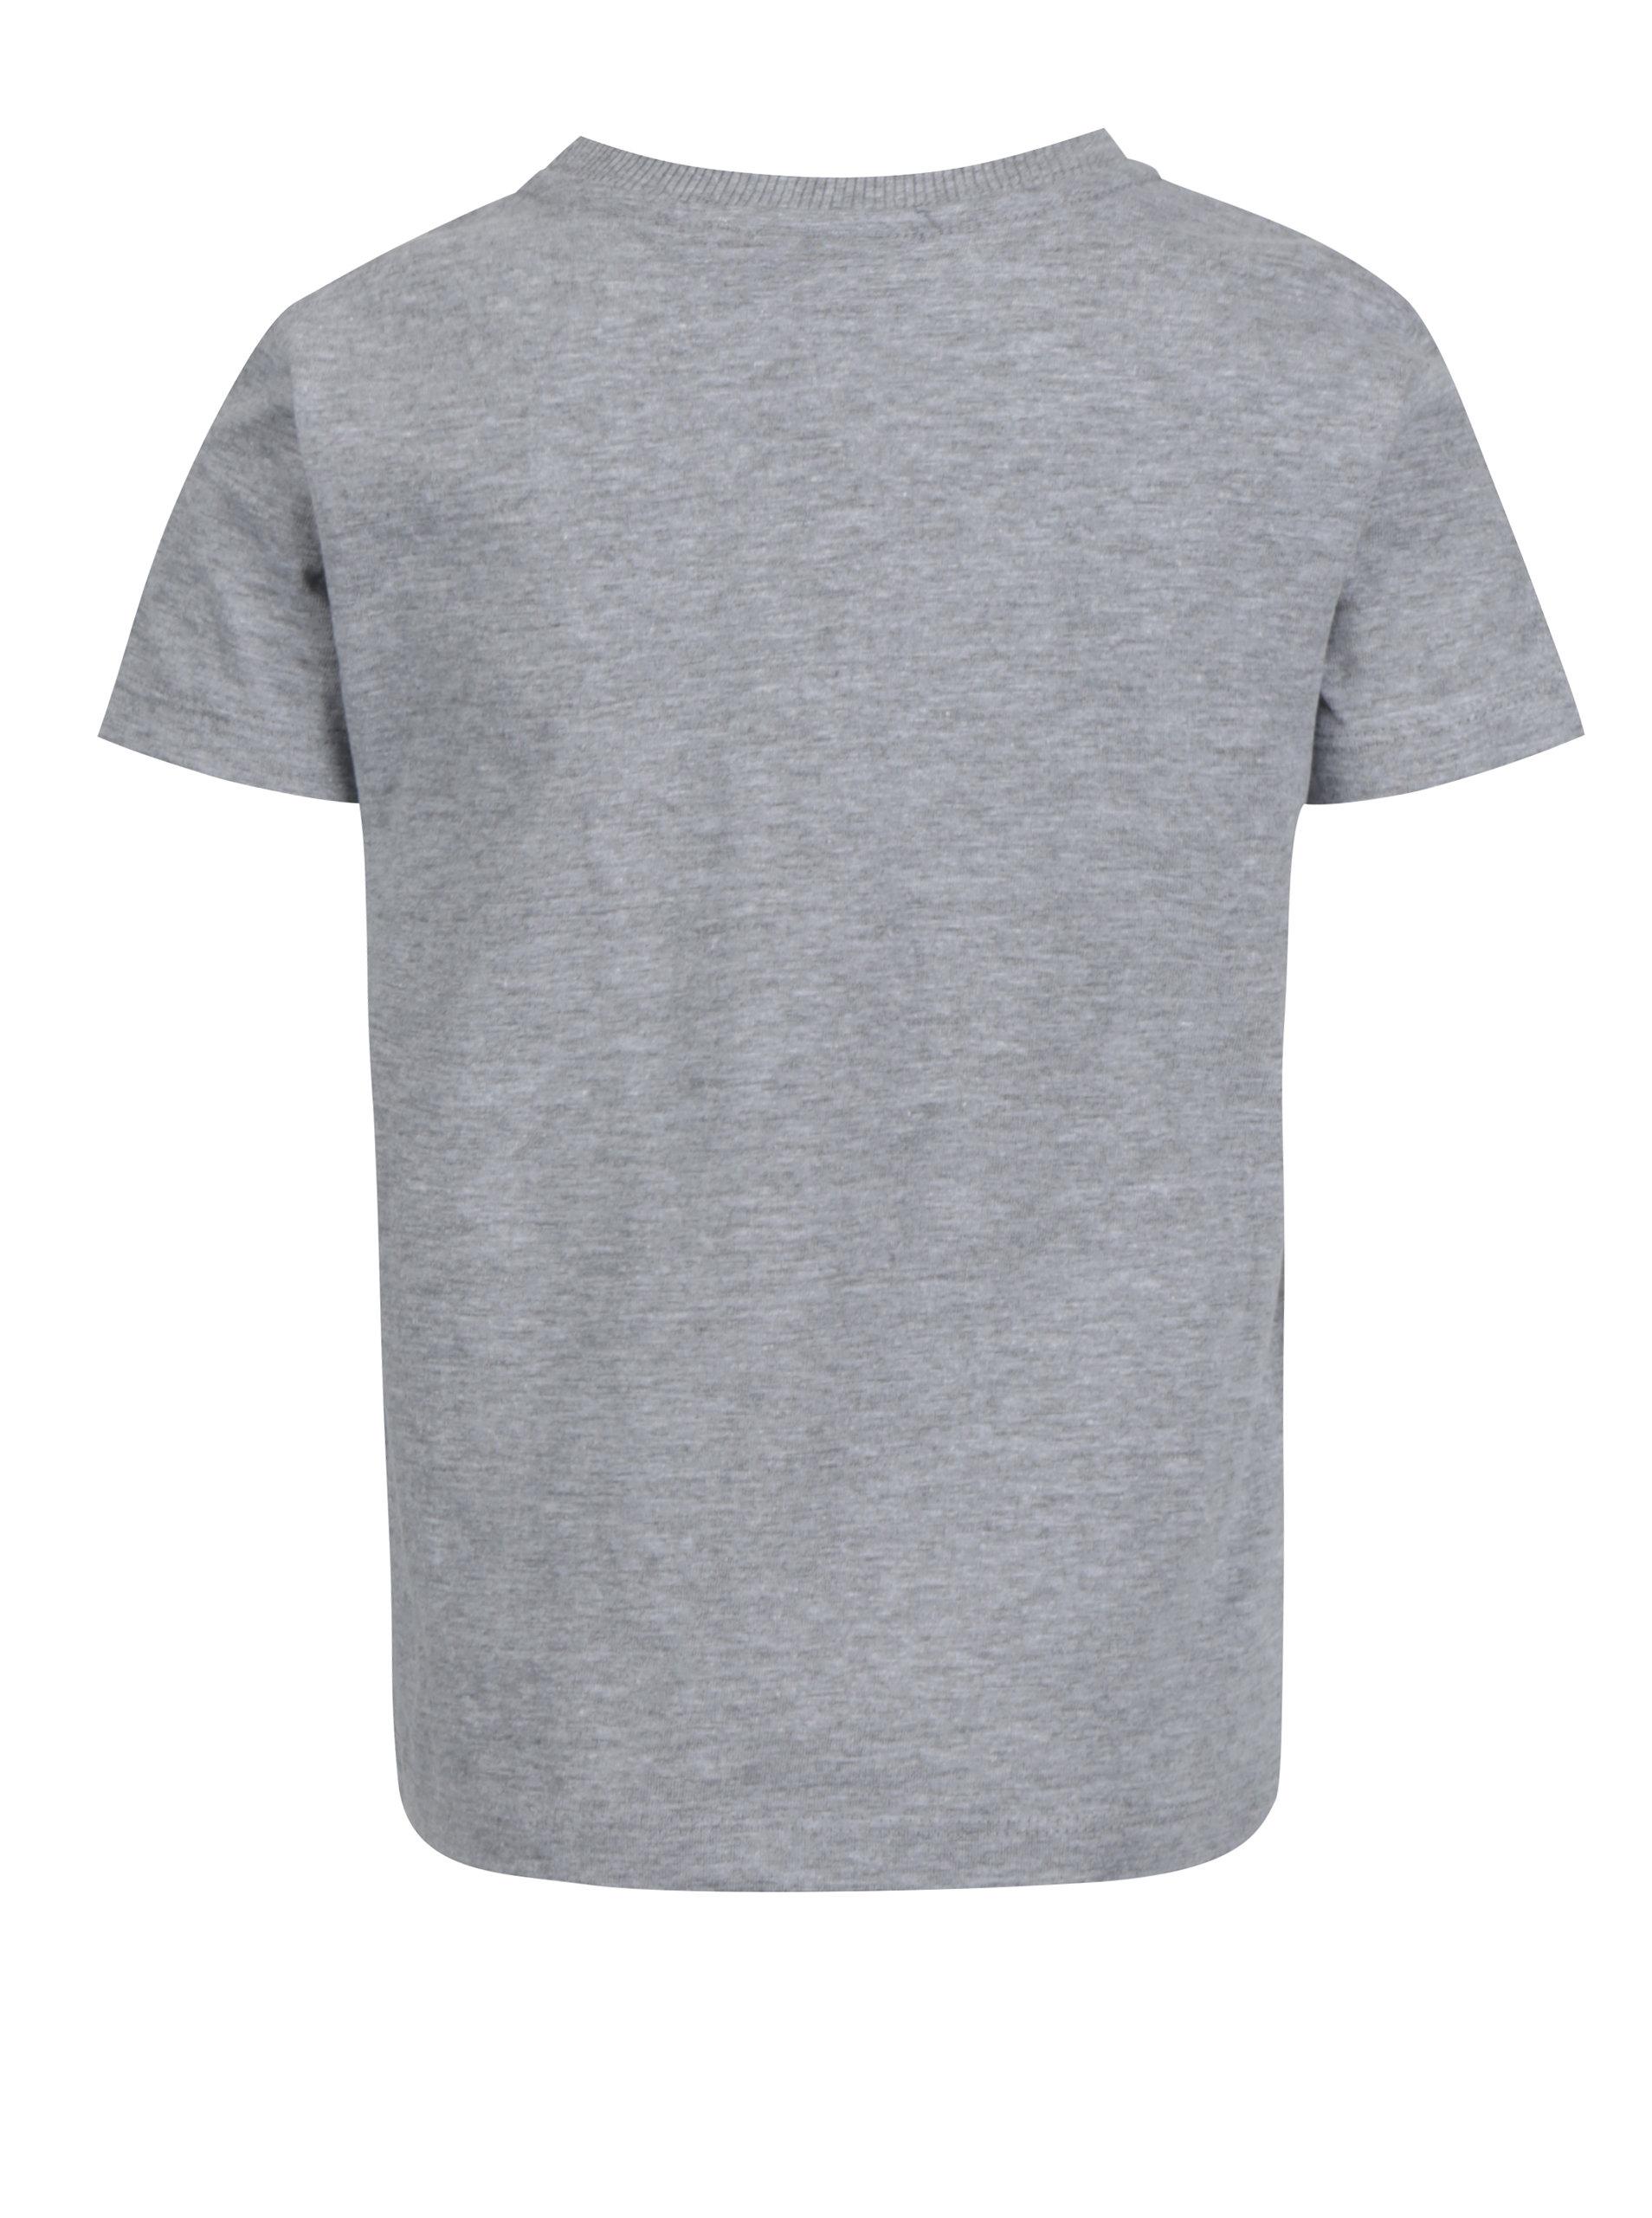 550a8daf6 Sivé chlapčenské tričko s krátkym rukávom Lego Wear Thomas | ZOOT.sk